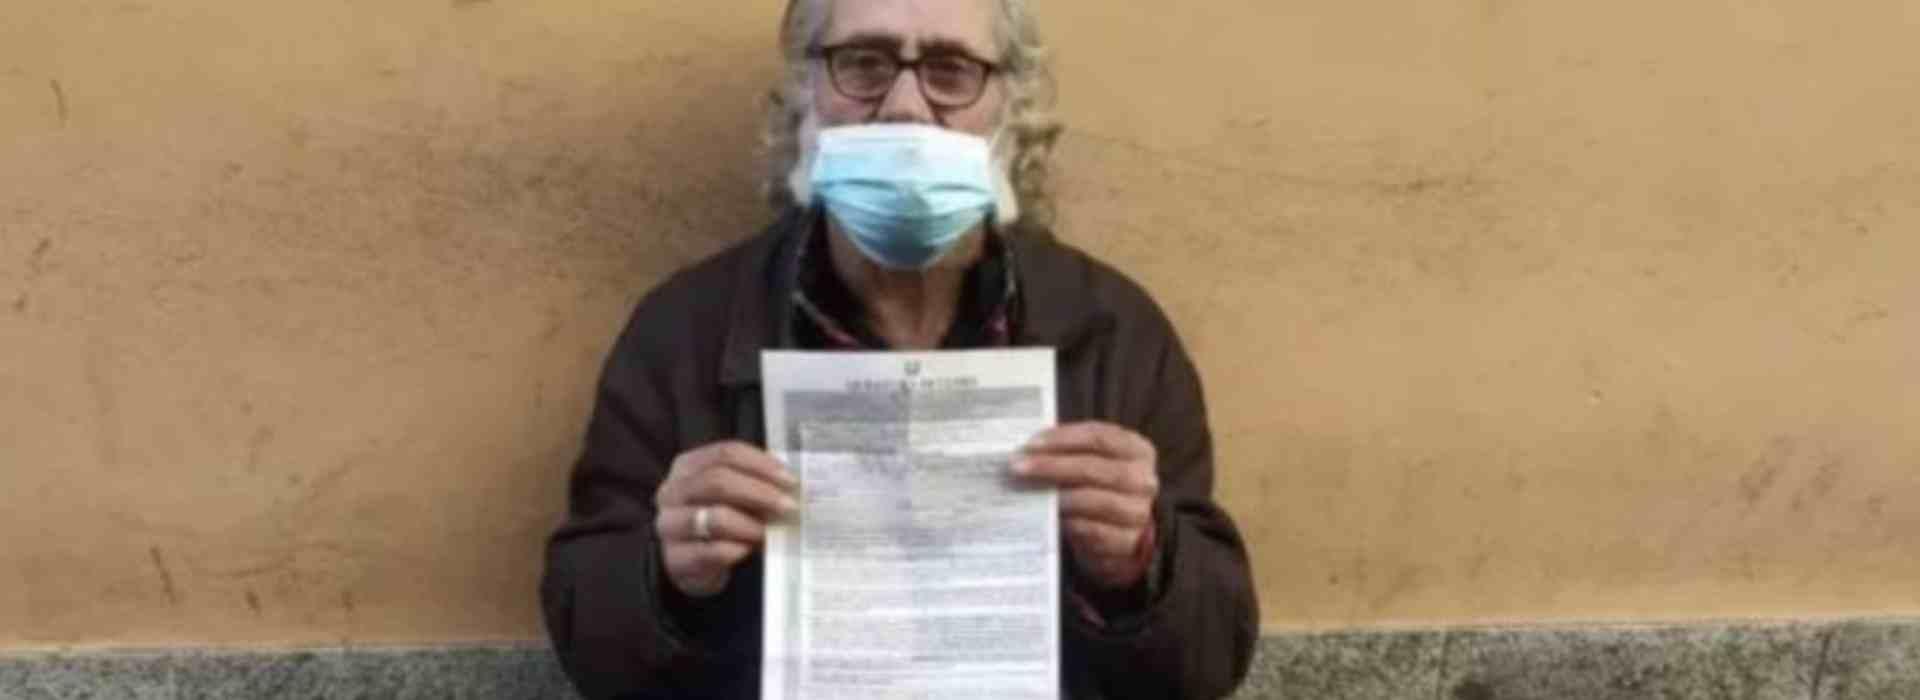 400 euro di multa a un senzatetto: lontano dal domicilio durante il lockdown